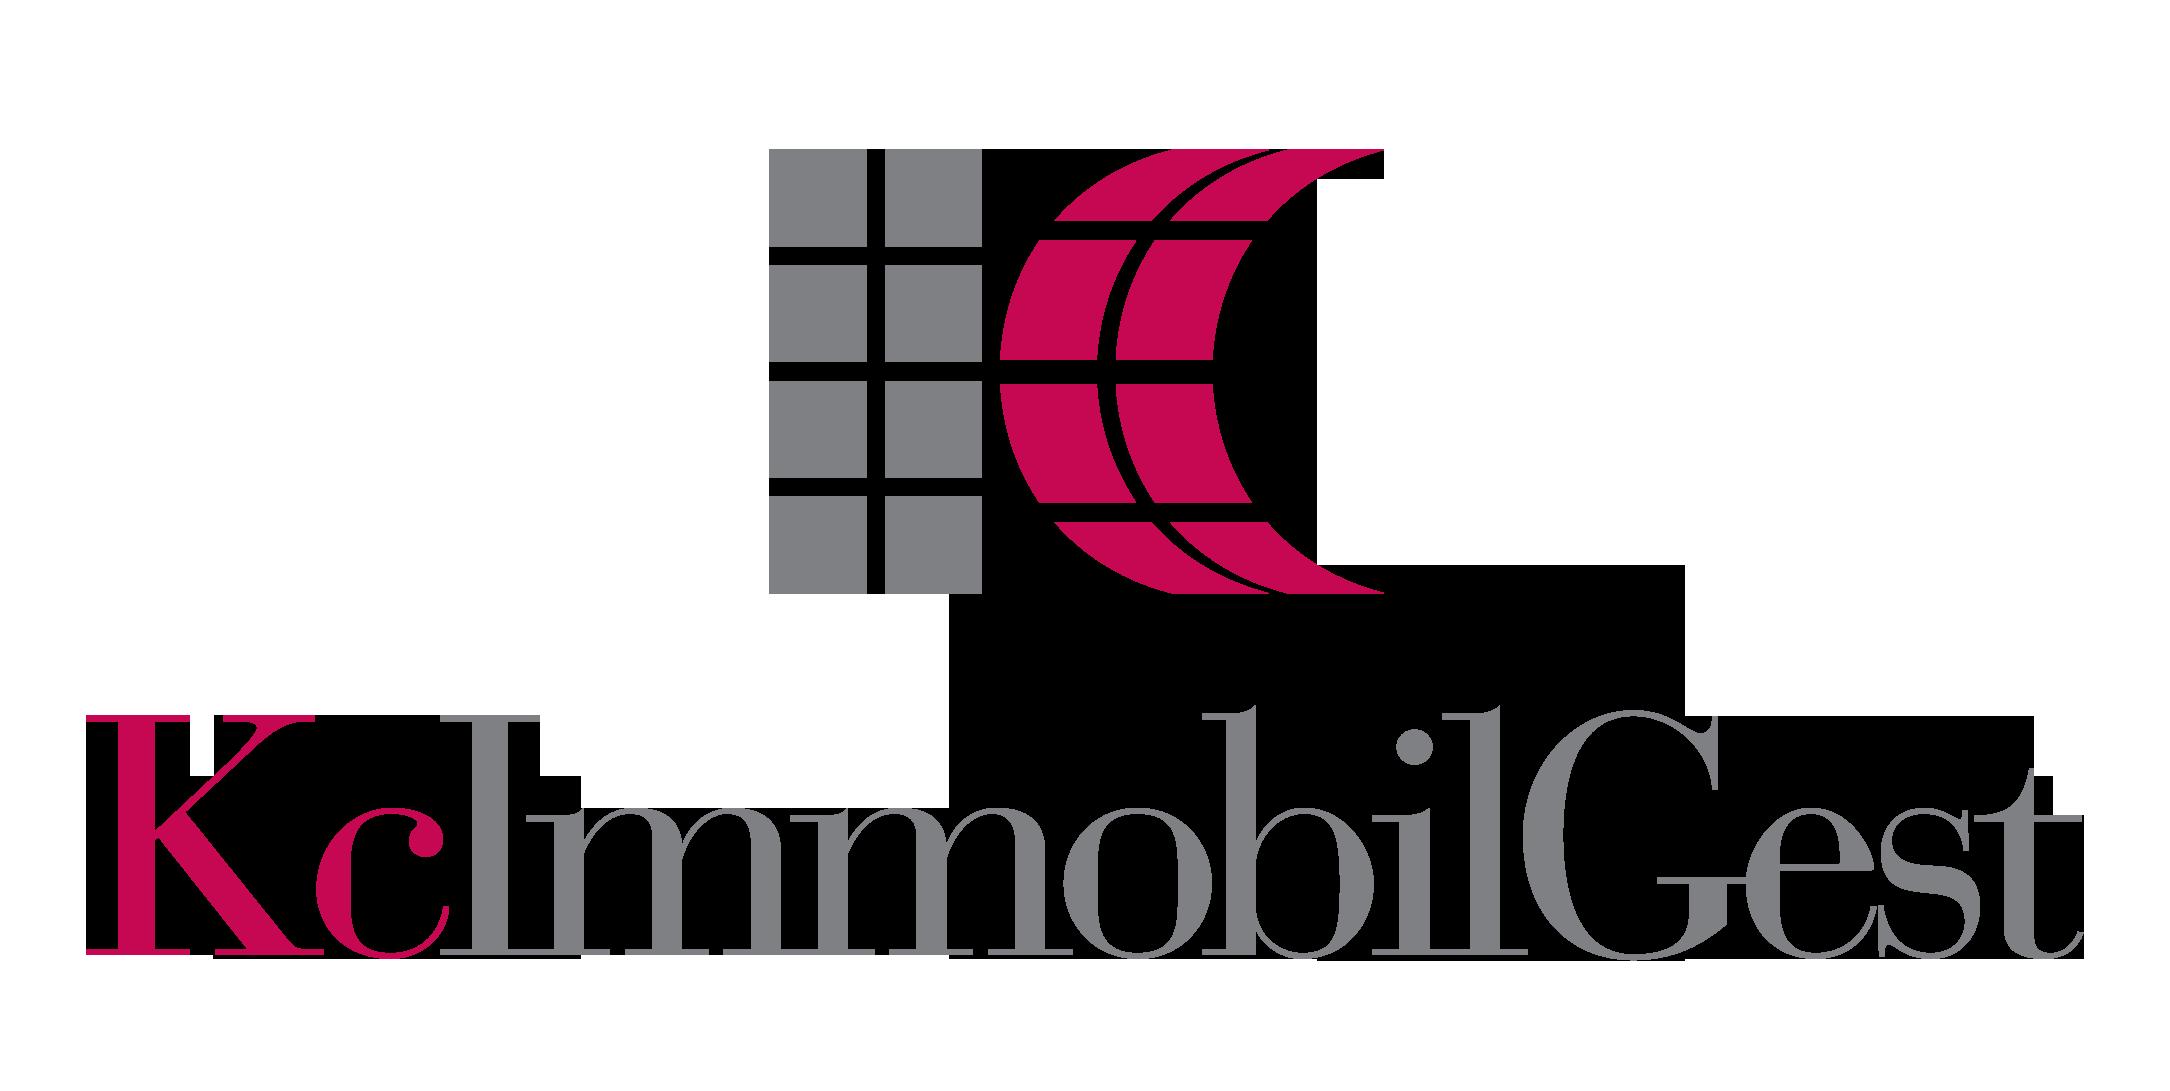 KcImmobilGest